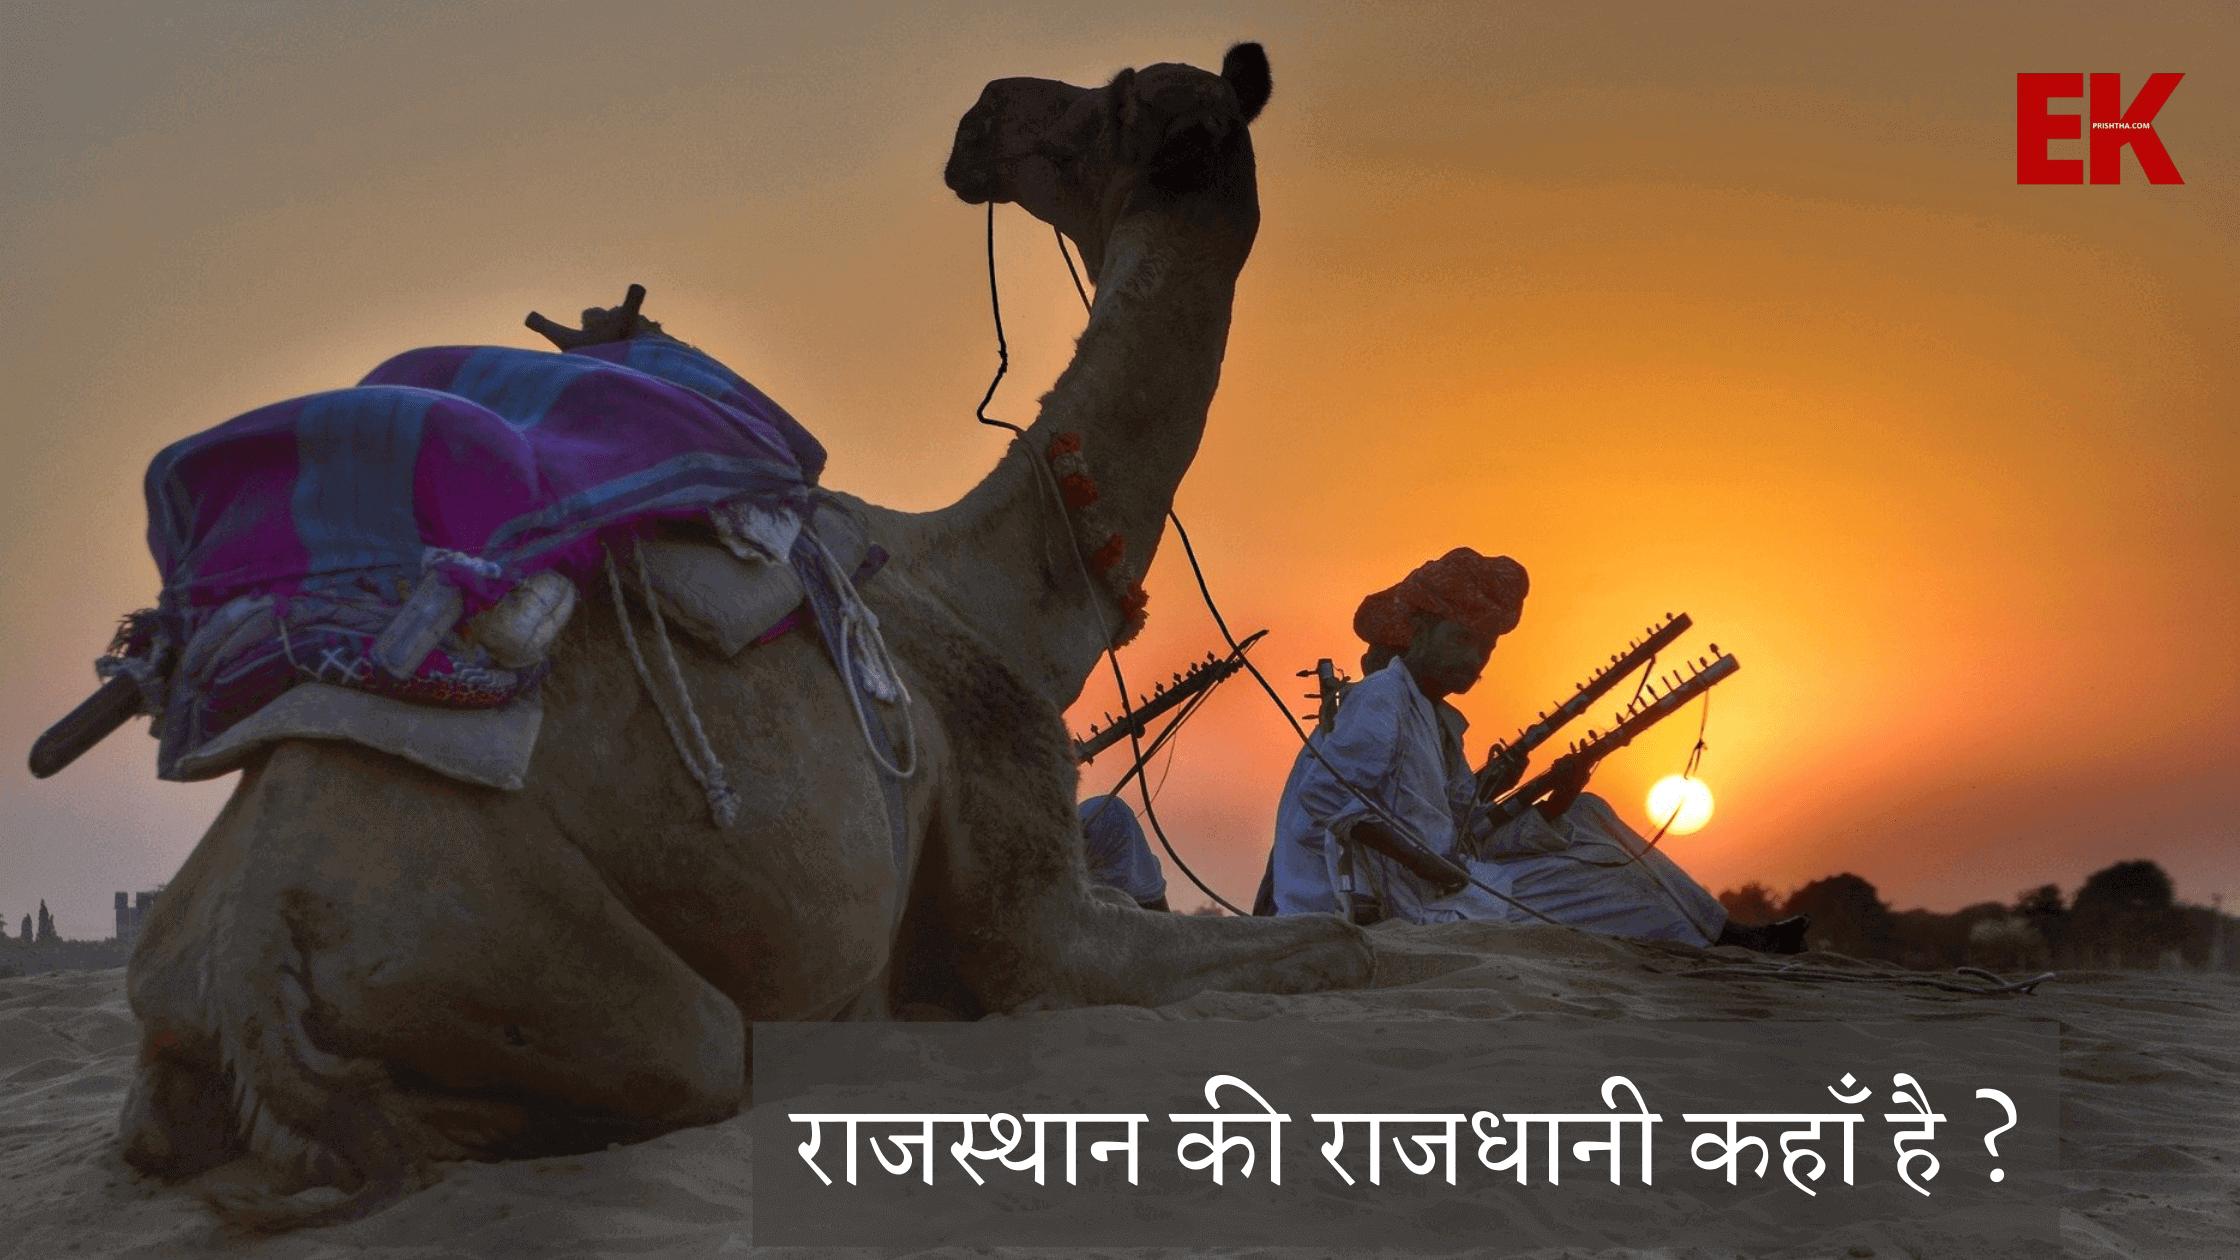 राजस्थान की राजधानी कहाँ है ?